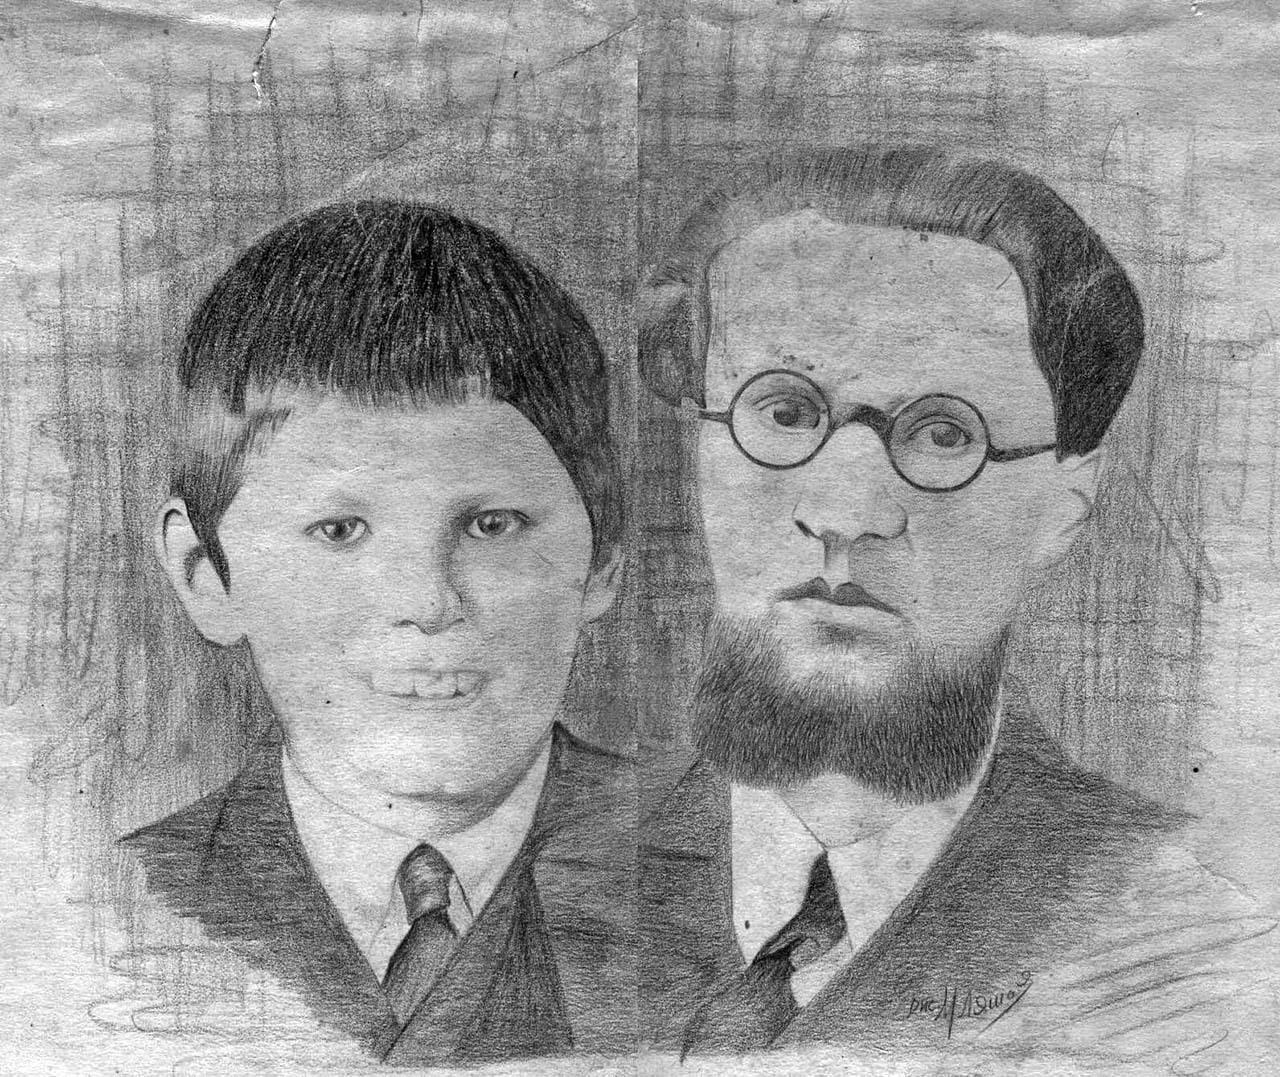 Коллаж: портрет отца с натуры, а брата Вадима —с фотографии. Рисовал рабочий отца, осужденный за фальшивомонетчество. Из архива Александра Лаломова.